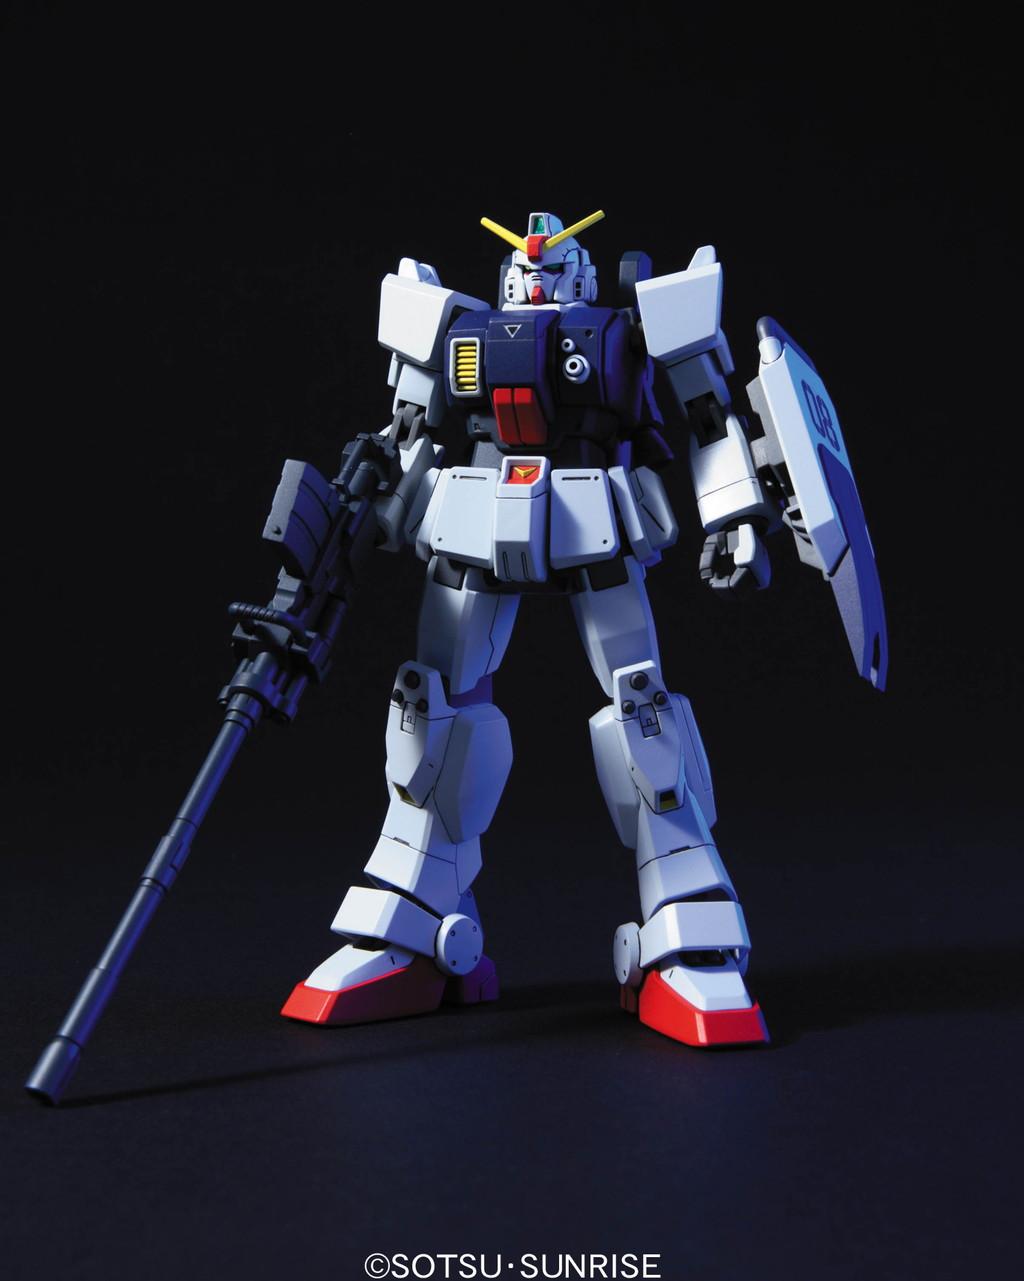 HGUC 1/144 RX-79[G] 陸戦型ガンダム [Gundam Ground Type]